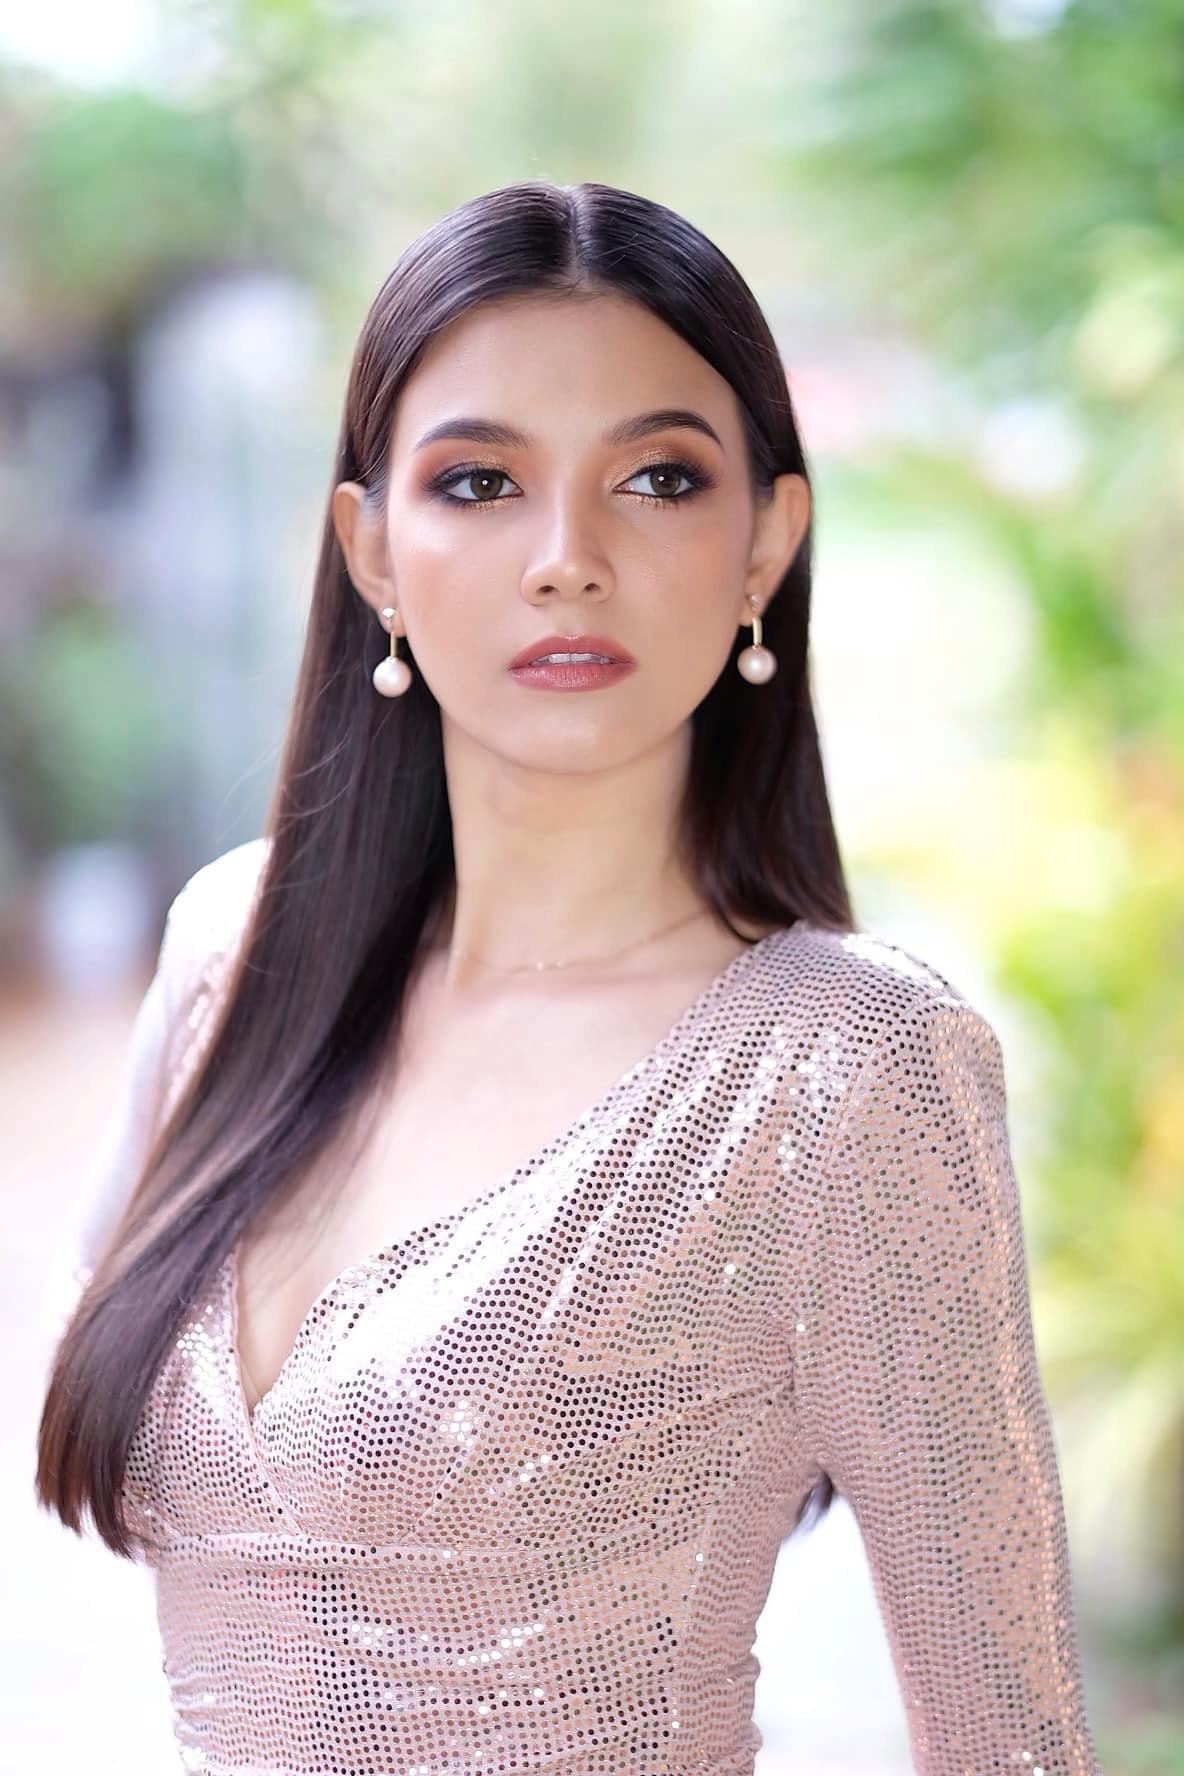 Chiêm ngưỡng vẻ đẹp lai đầy quyến rũ của Hoa hậu Lào đẹp nhất lịch sử - Ảnh 3.